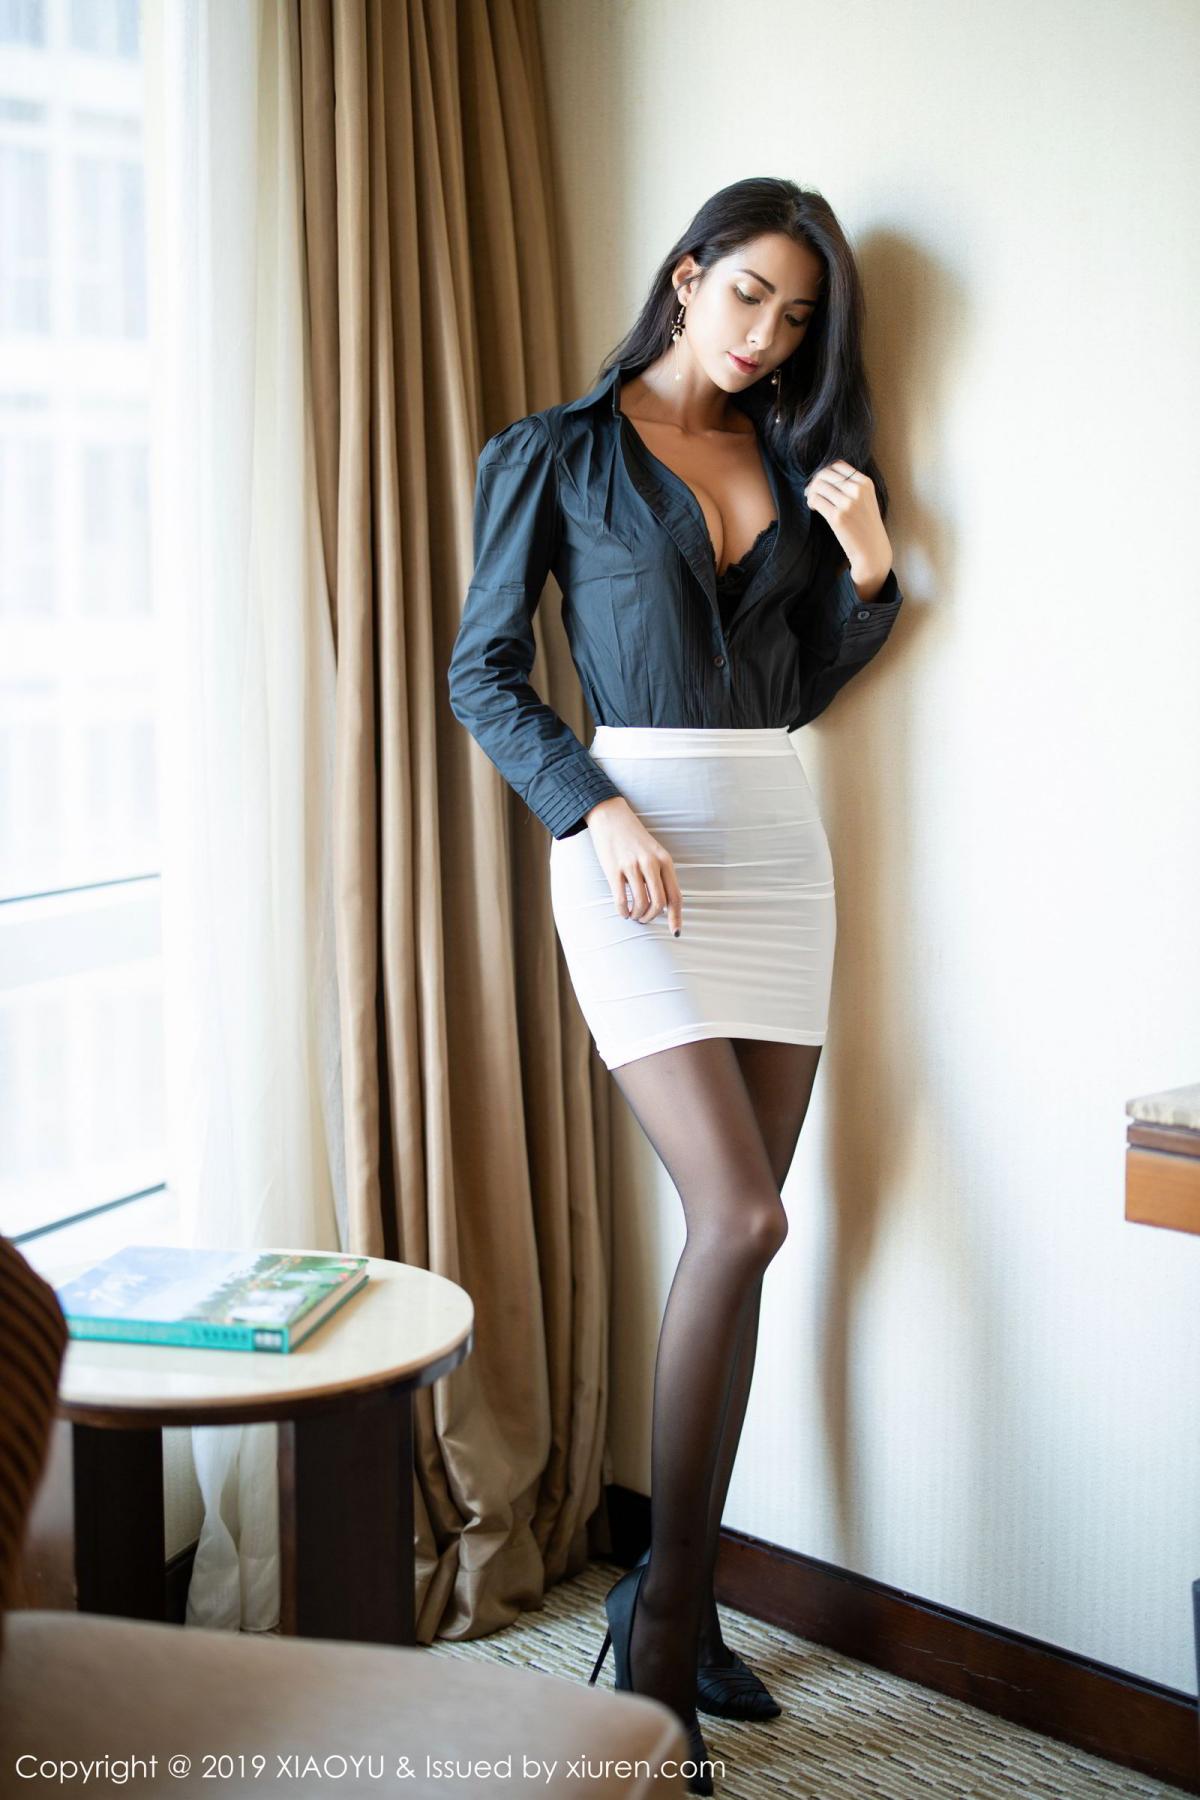 [XiaoYu] Vol.202 Chen Liang Ling 21P, Black Silk, Chen Liang Ling, Tall, Temperament, Underwear, XiaoYu